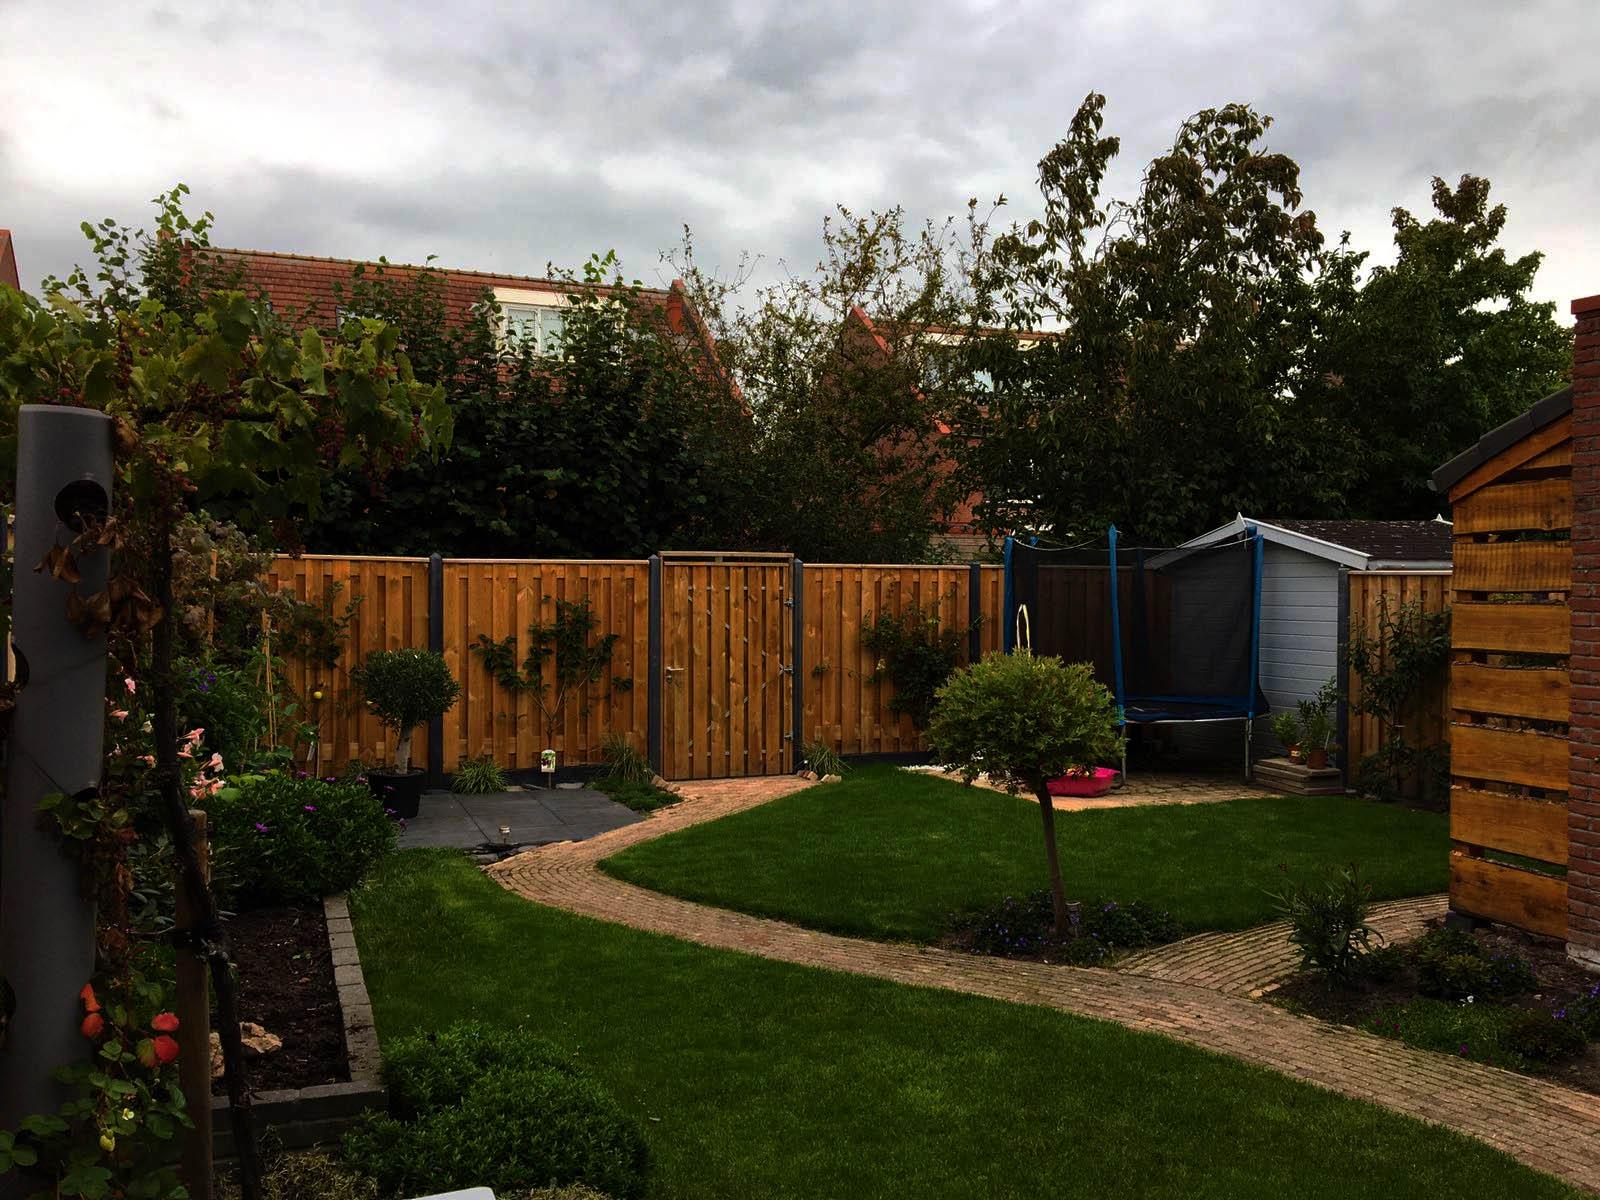 Beginnen Sie das neue Jahr mit einem Garten-Upgrade